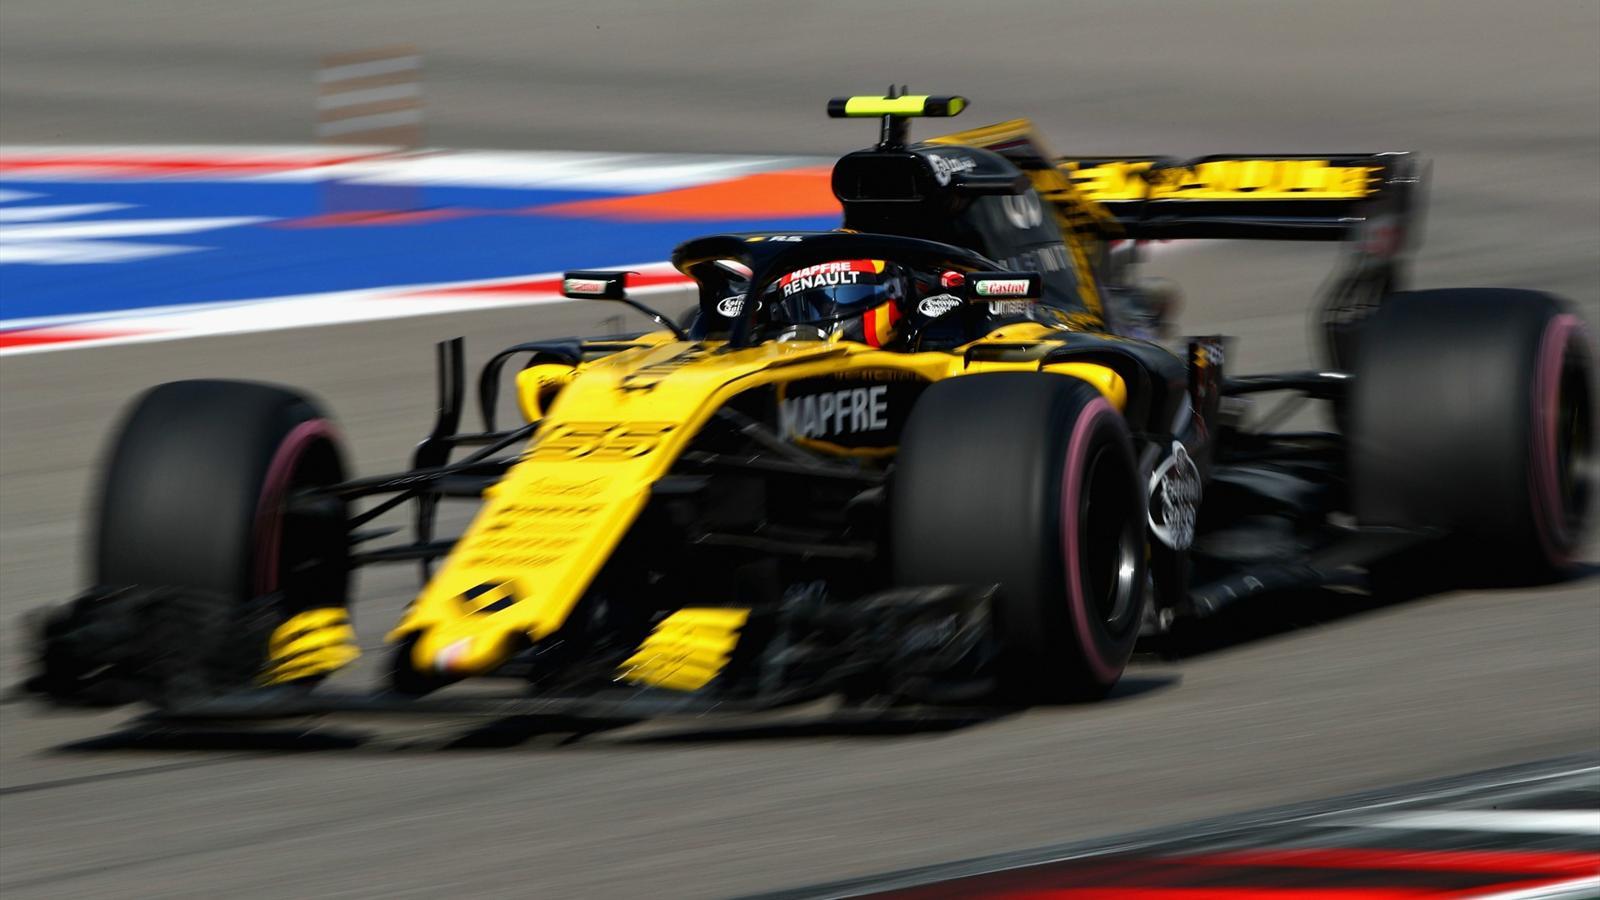 Renault justifie sa strat gie controvers e en qualification grand prix de russie 2018 - Formule vitesse de coupe ...